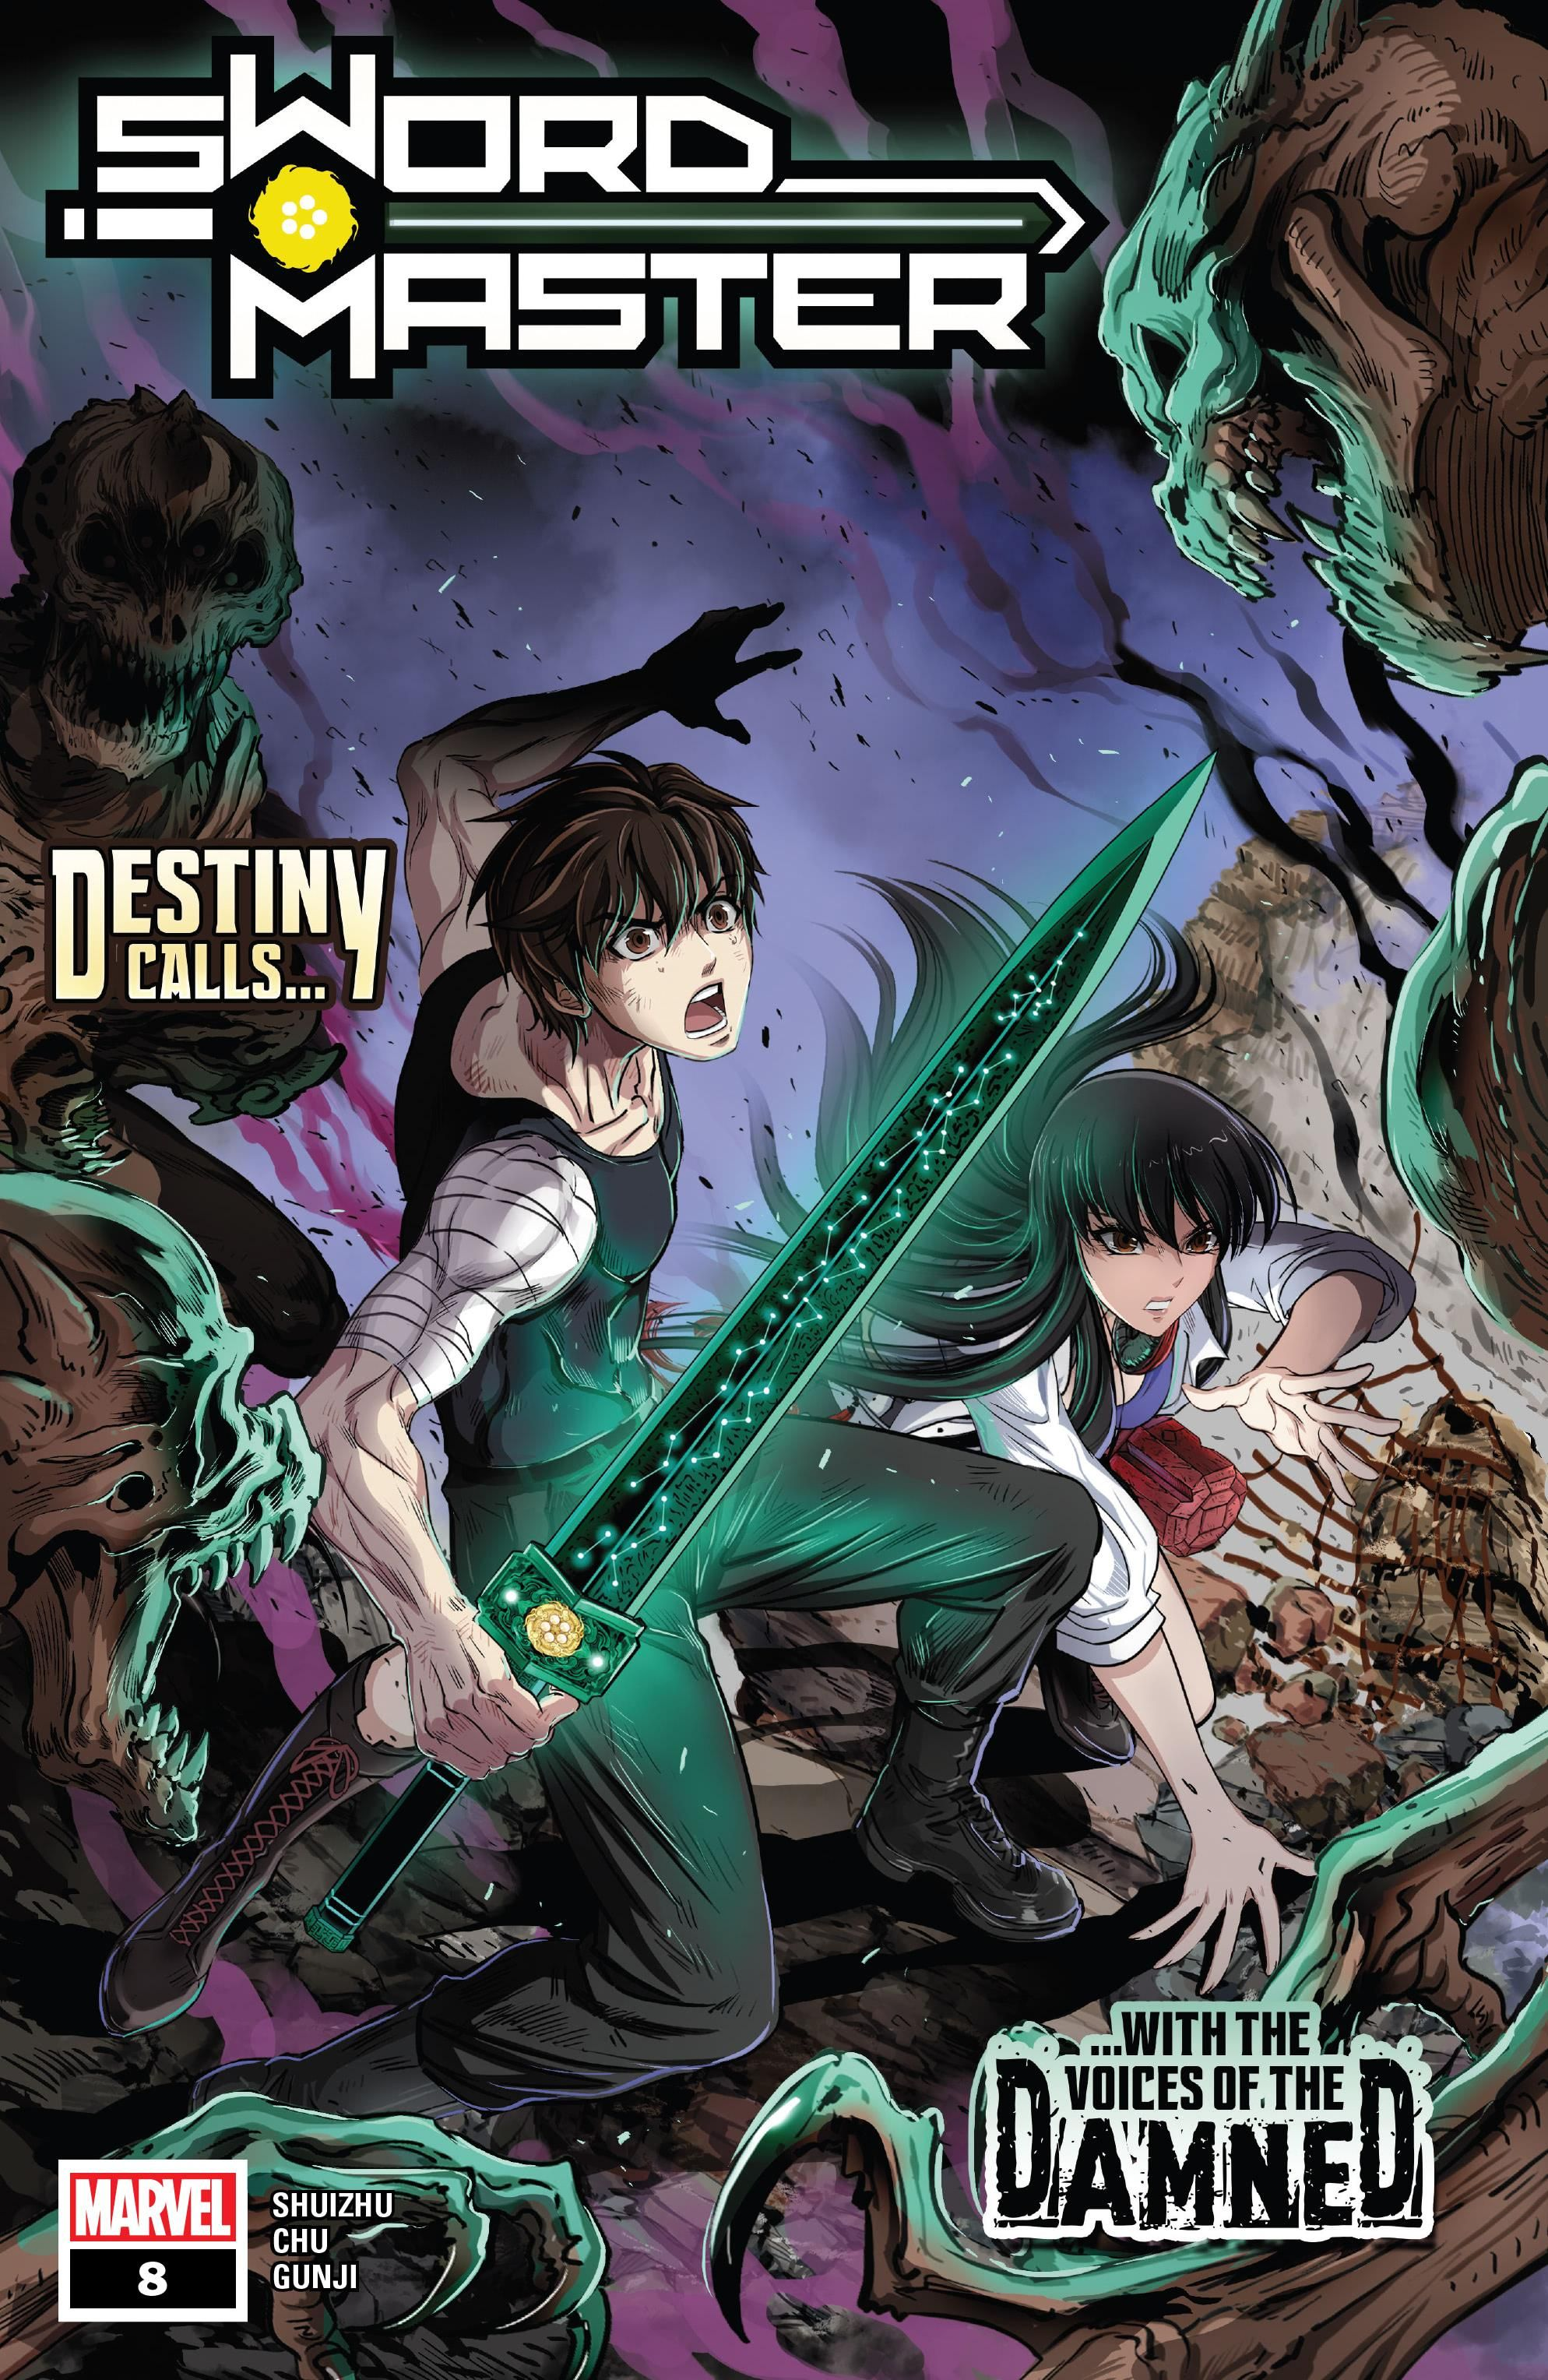 Sword Master Vol 1 8